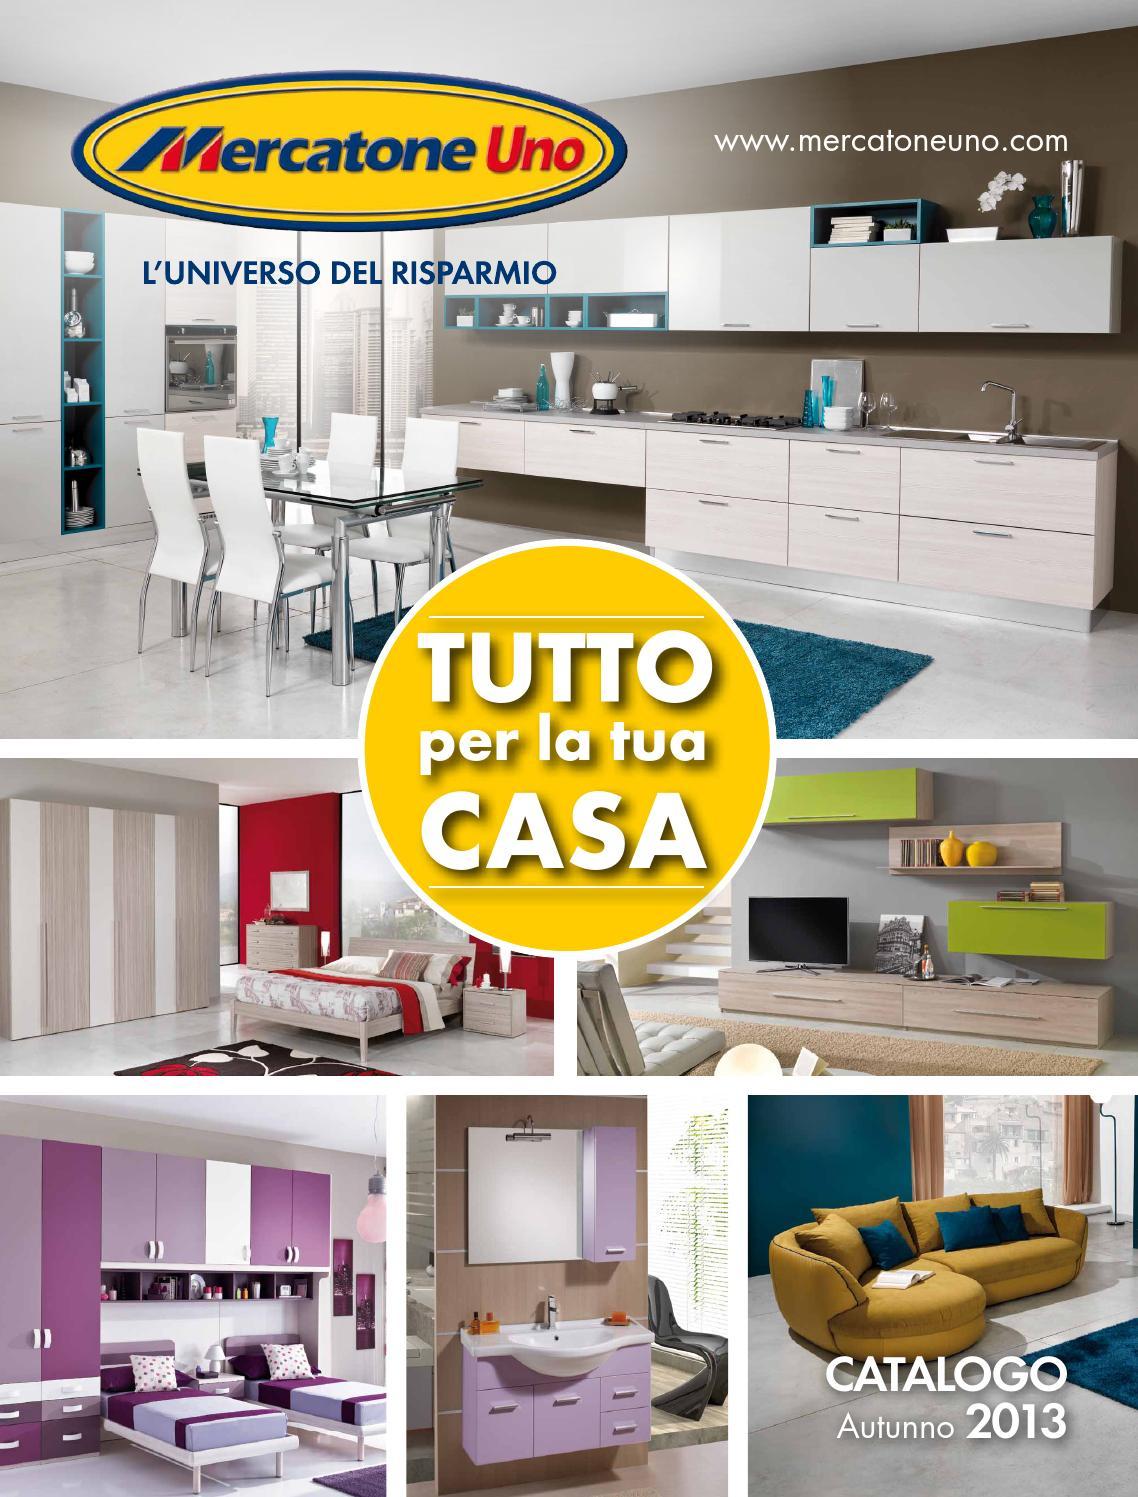 mercatone uno catalogo autunno2013 by catalogopromozioni.com - issuu - Soggiorno Globo Mercatone Uno